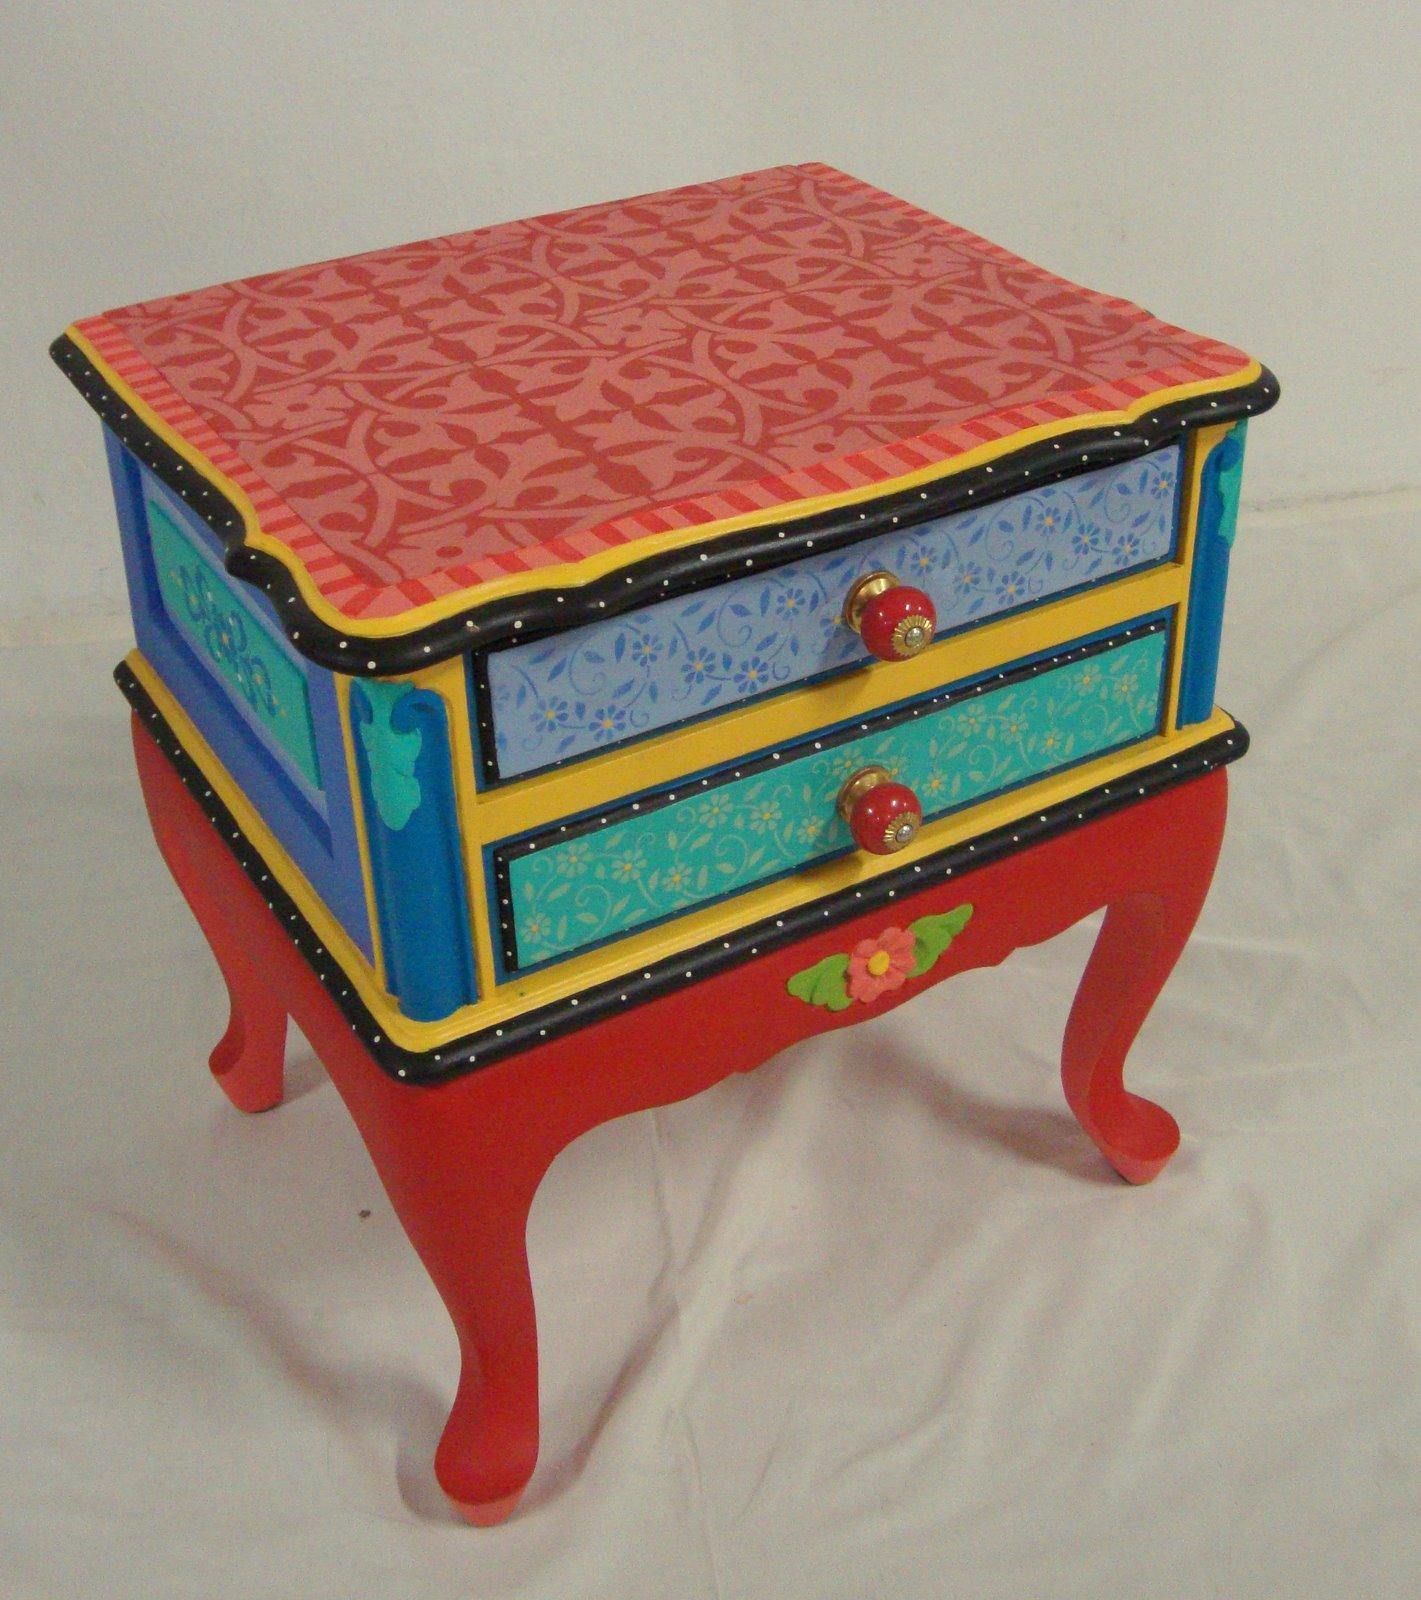 Reciclaje de muebles todo color restauraci n de muebles - Recuperar muebles viejos ...